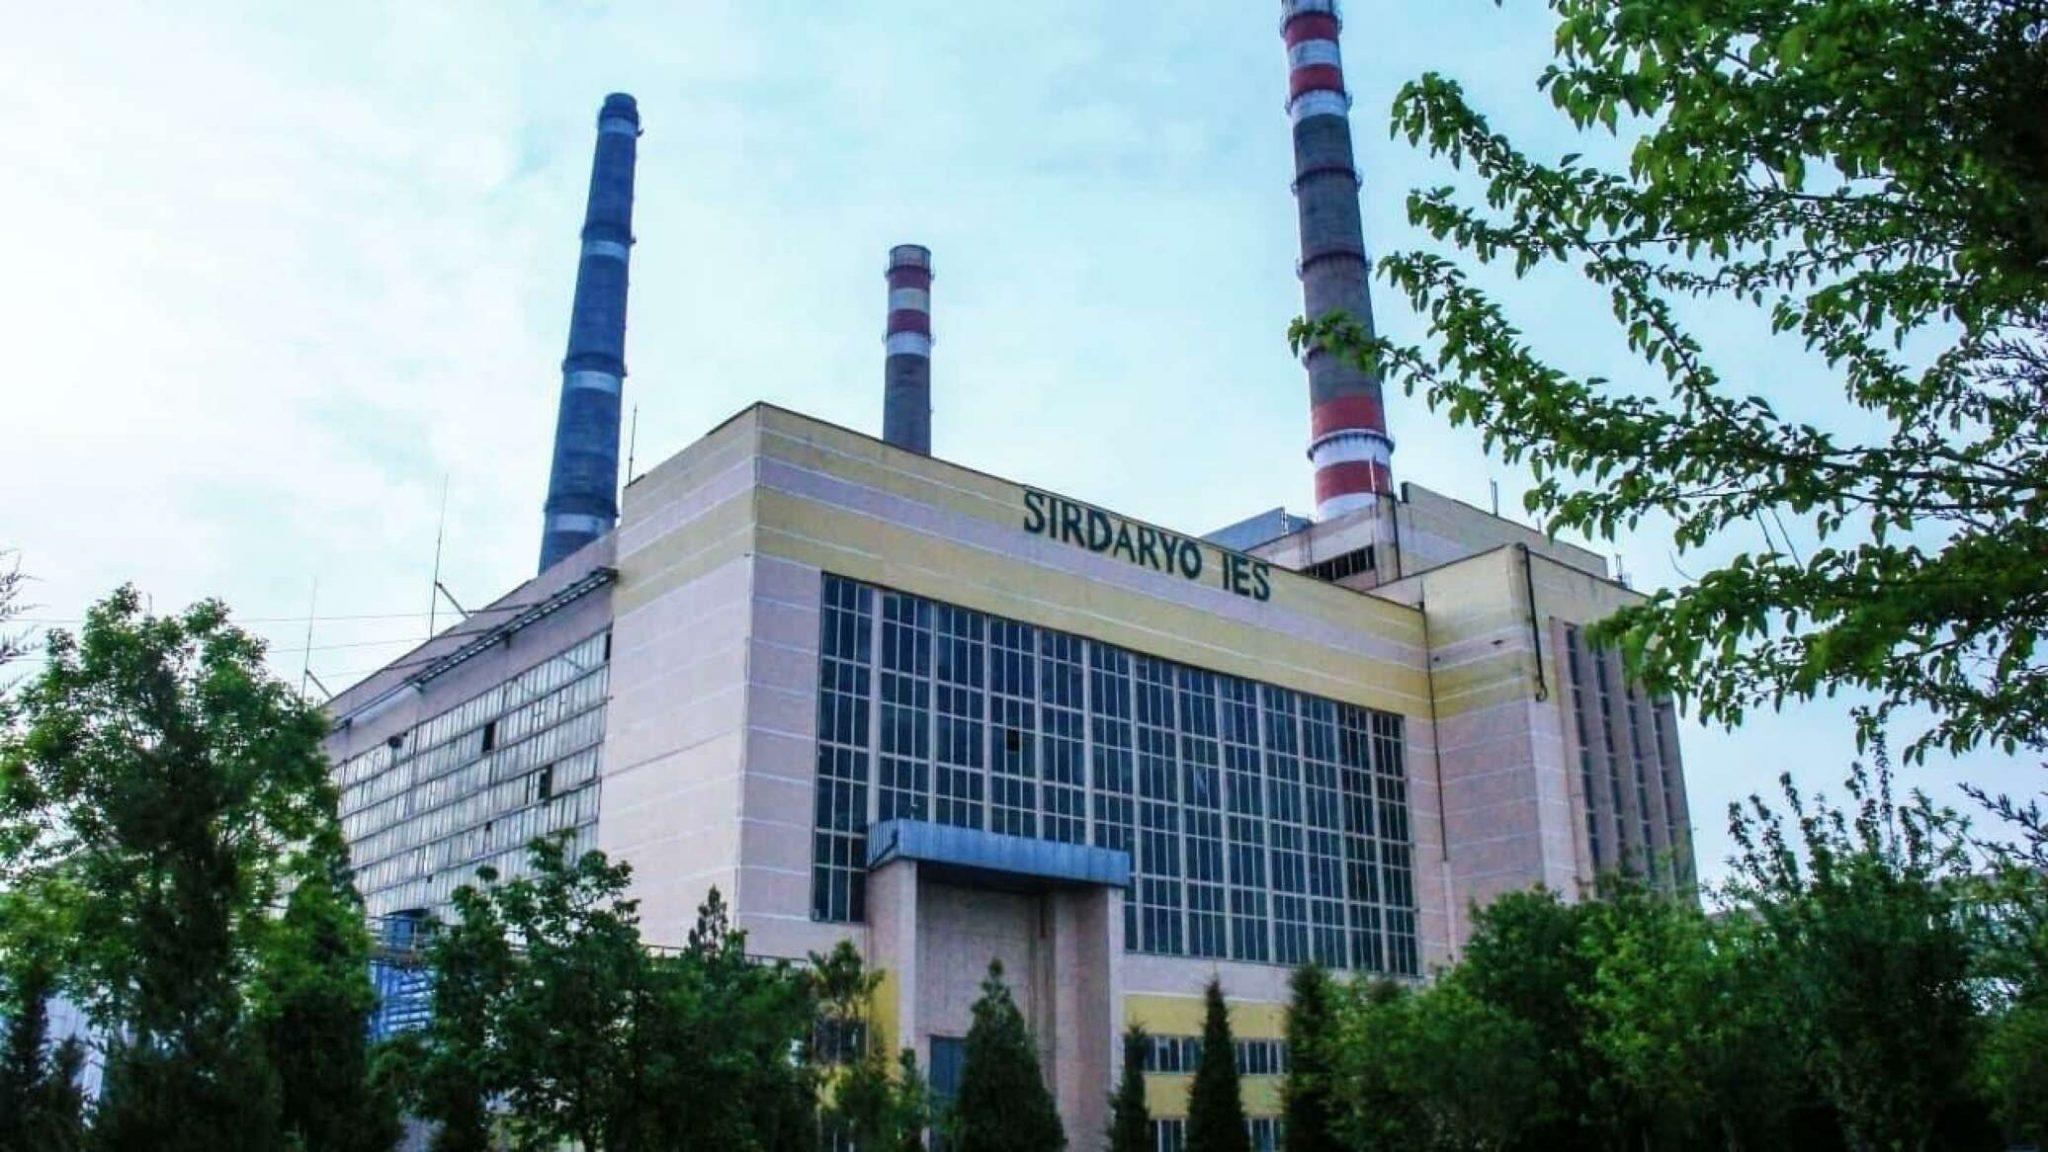 آغاز بهرهبرداری از واحد دهم نیروگاه سیردریا پس از تکمیل پروژه ارتقاء